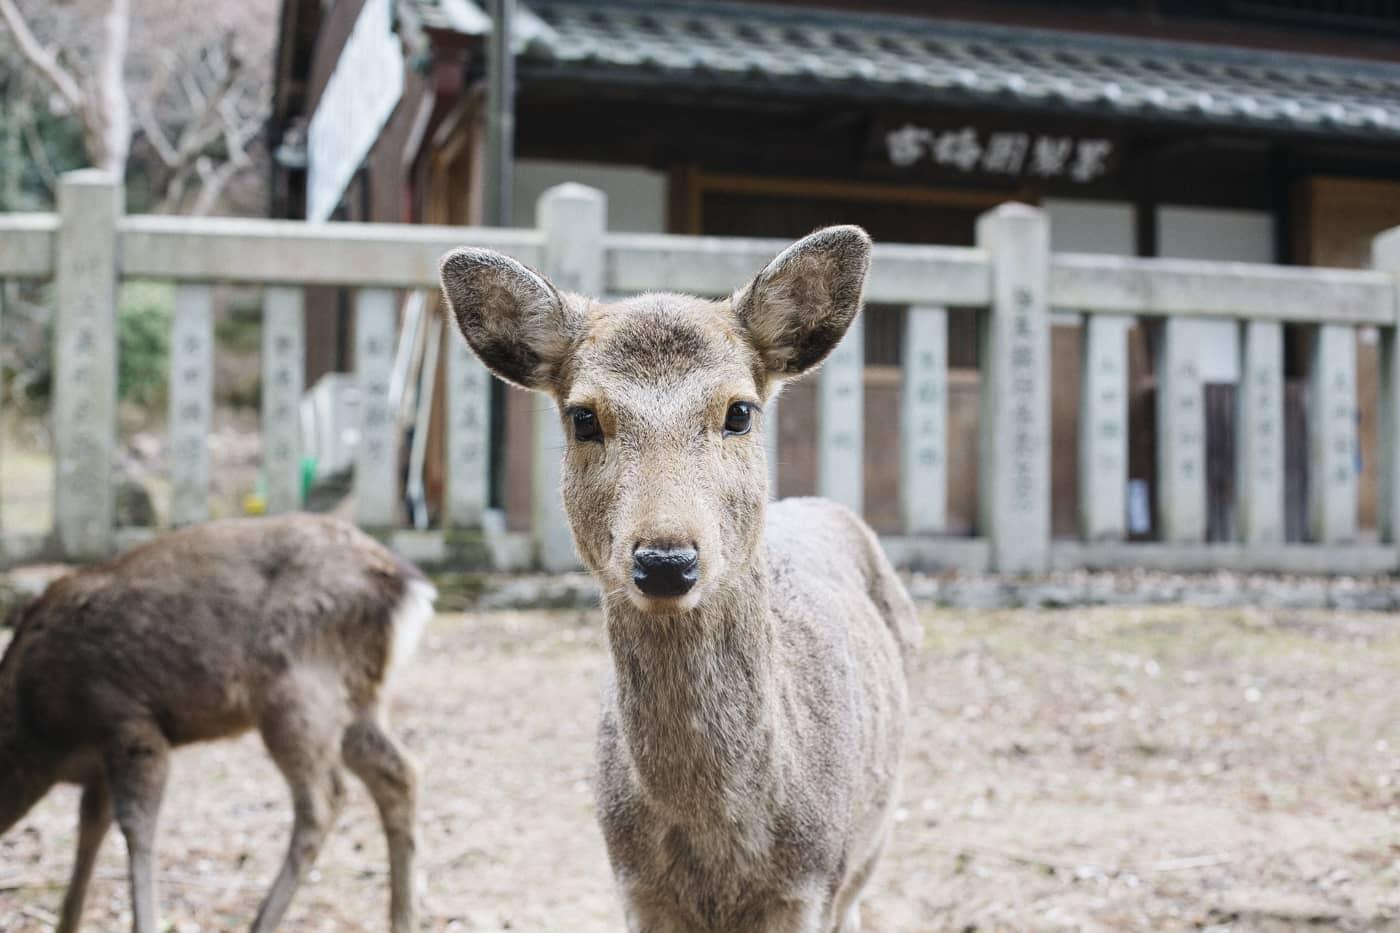 Kinlake-Japan-City-Lifestyle-9469